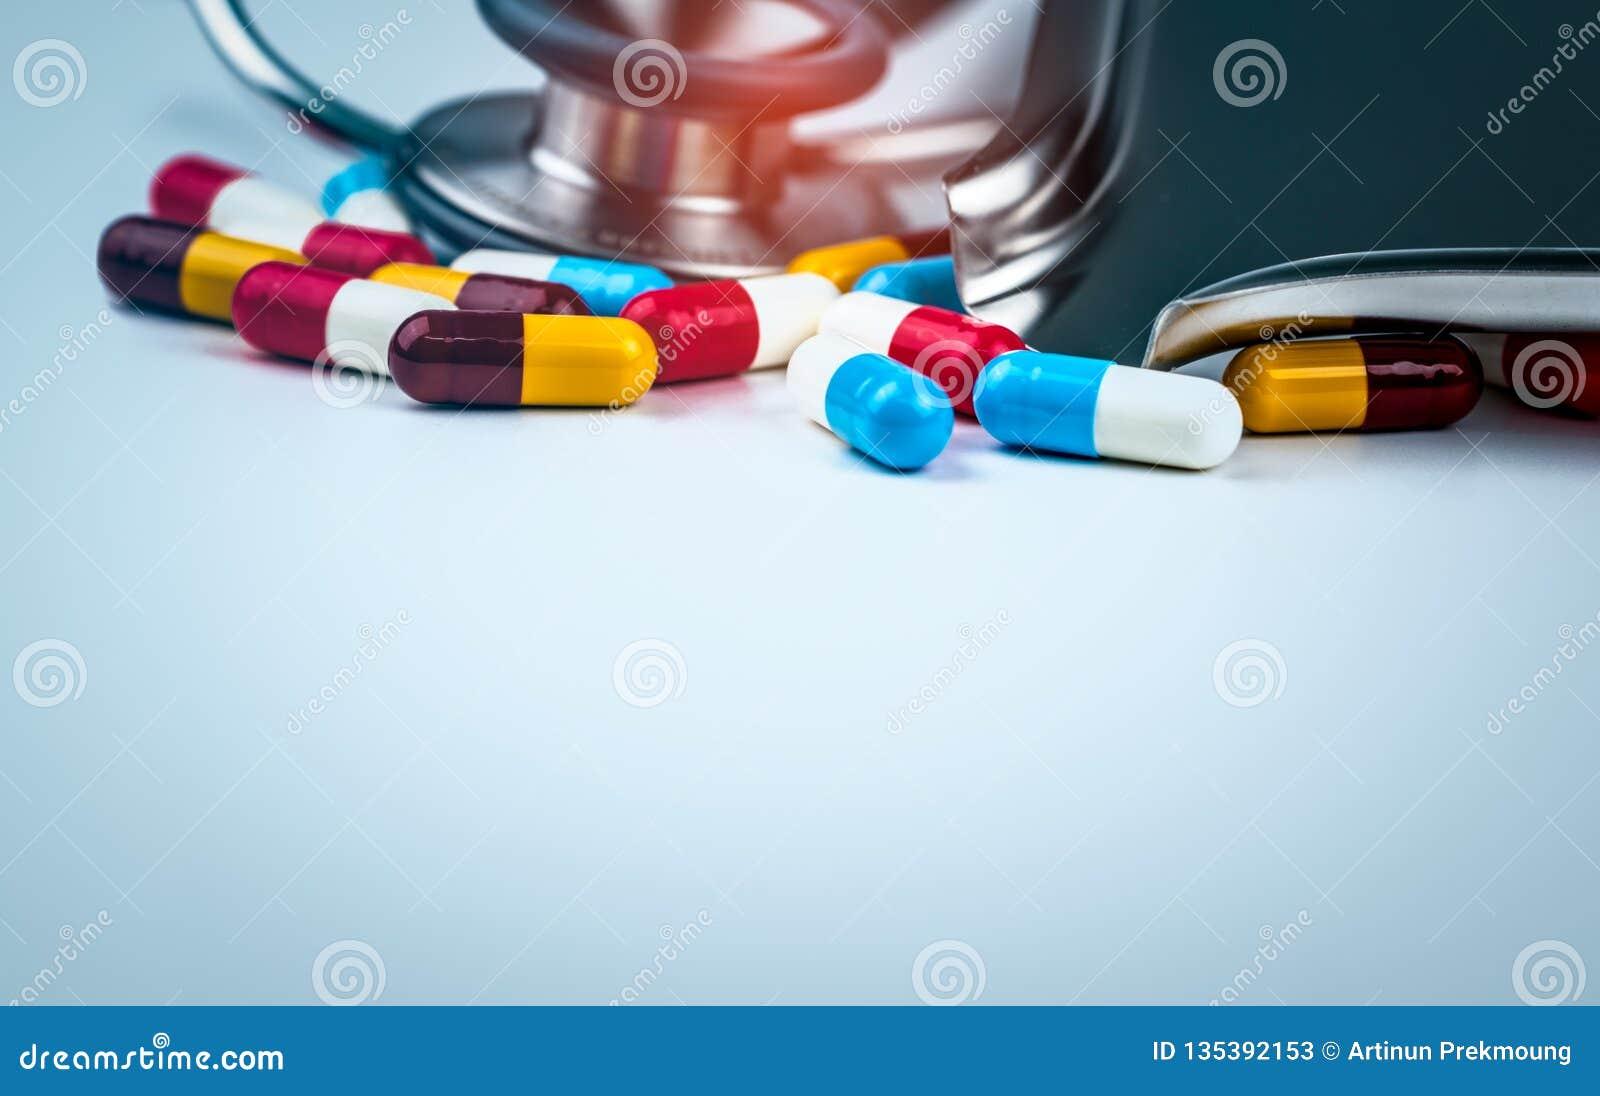 Στηθοσκόπιο με το σωρό των ζωηρόχρωμων αντιβιοτικών χαπιών καψών στον άσπρο πίνακα με το δίσκο φαρμάκων Αντιμικροβιακή αντίσταση